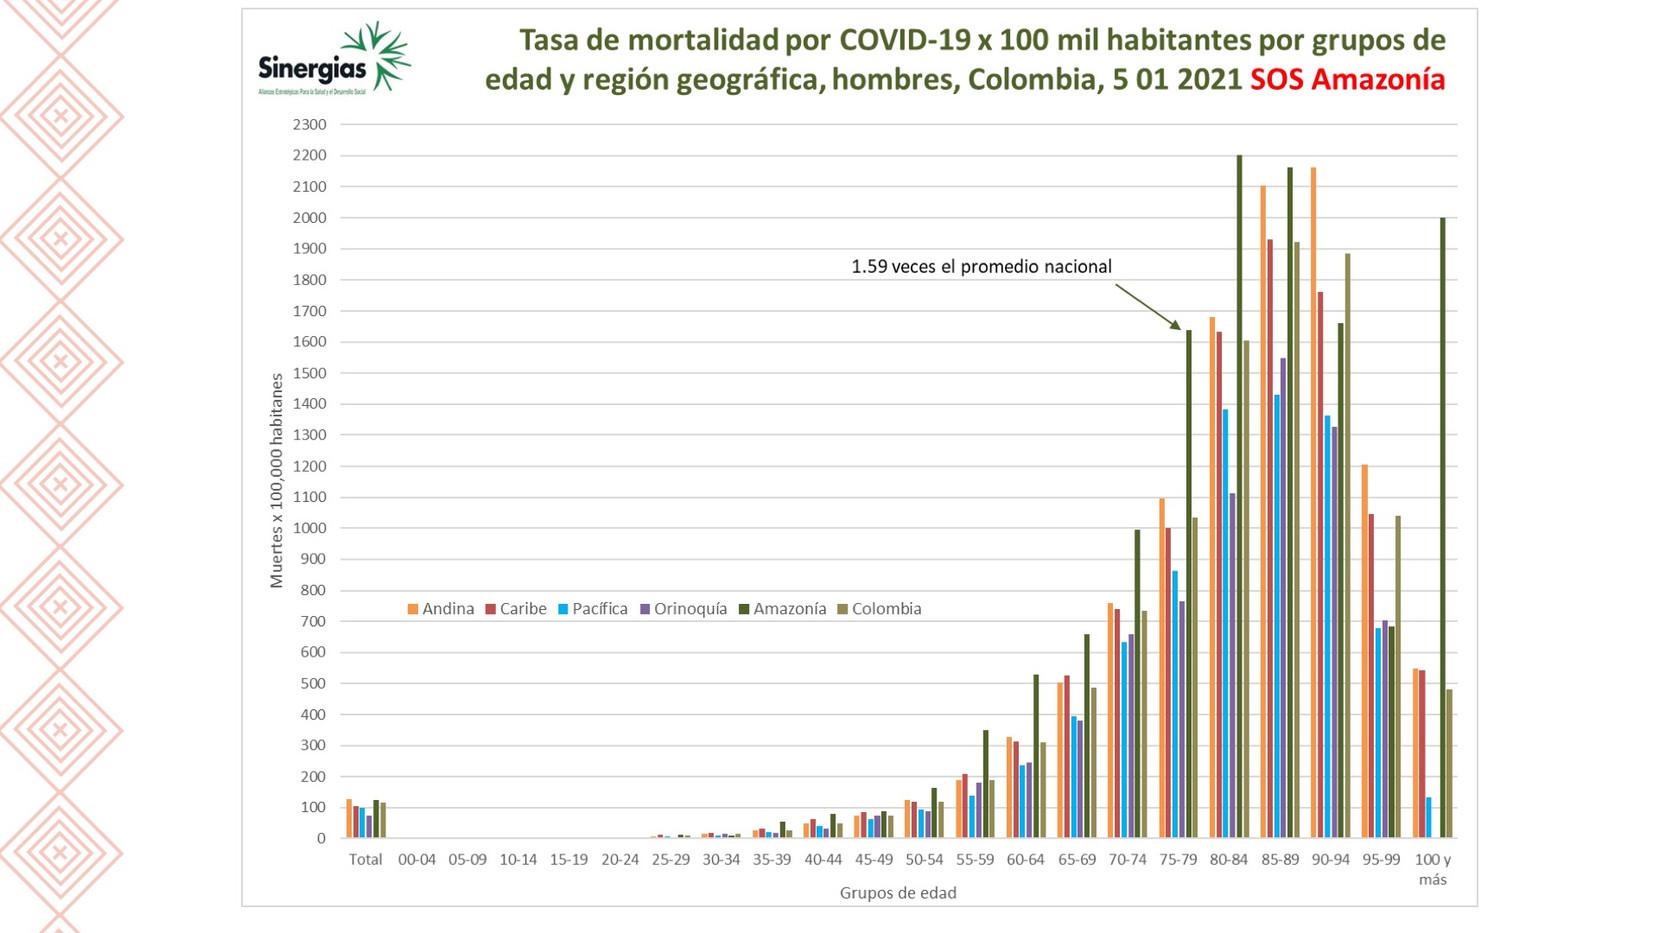 Tasa de mortalidad por COVID19 en hombres